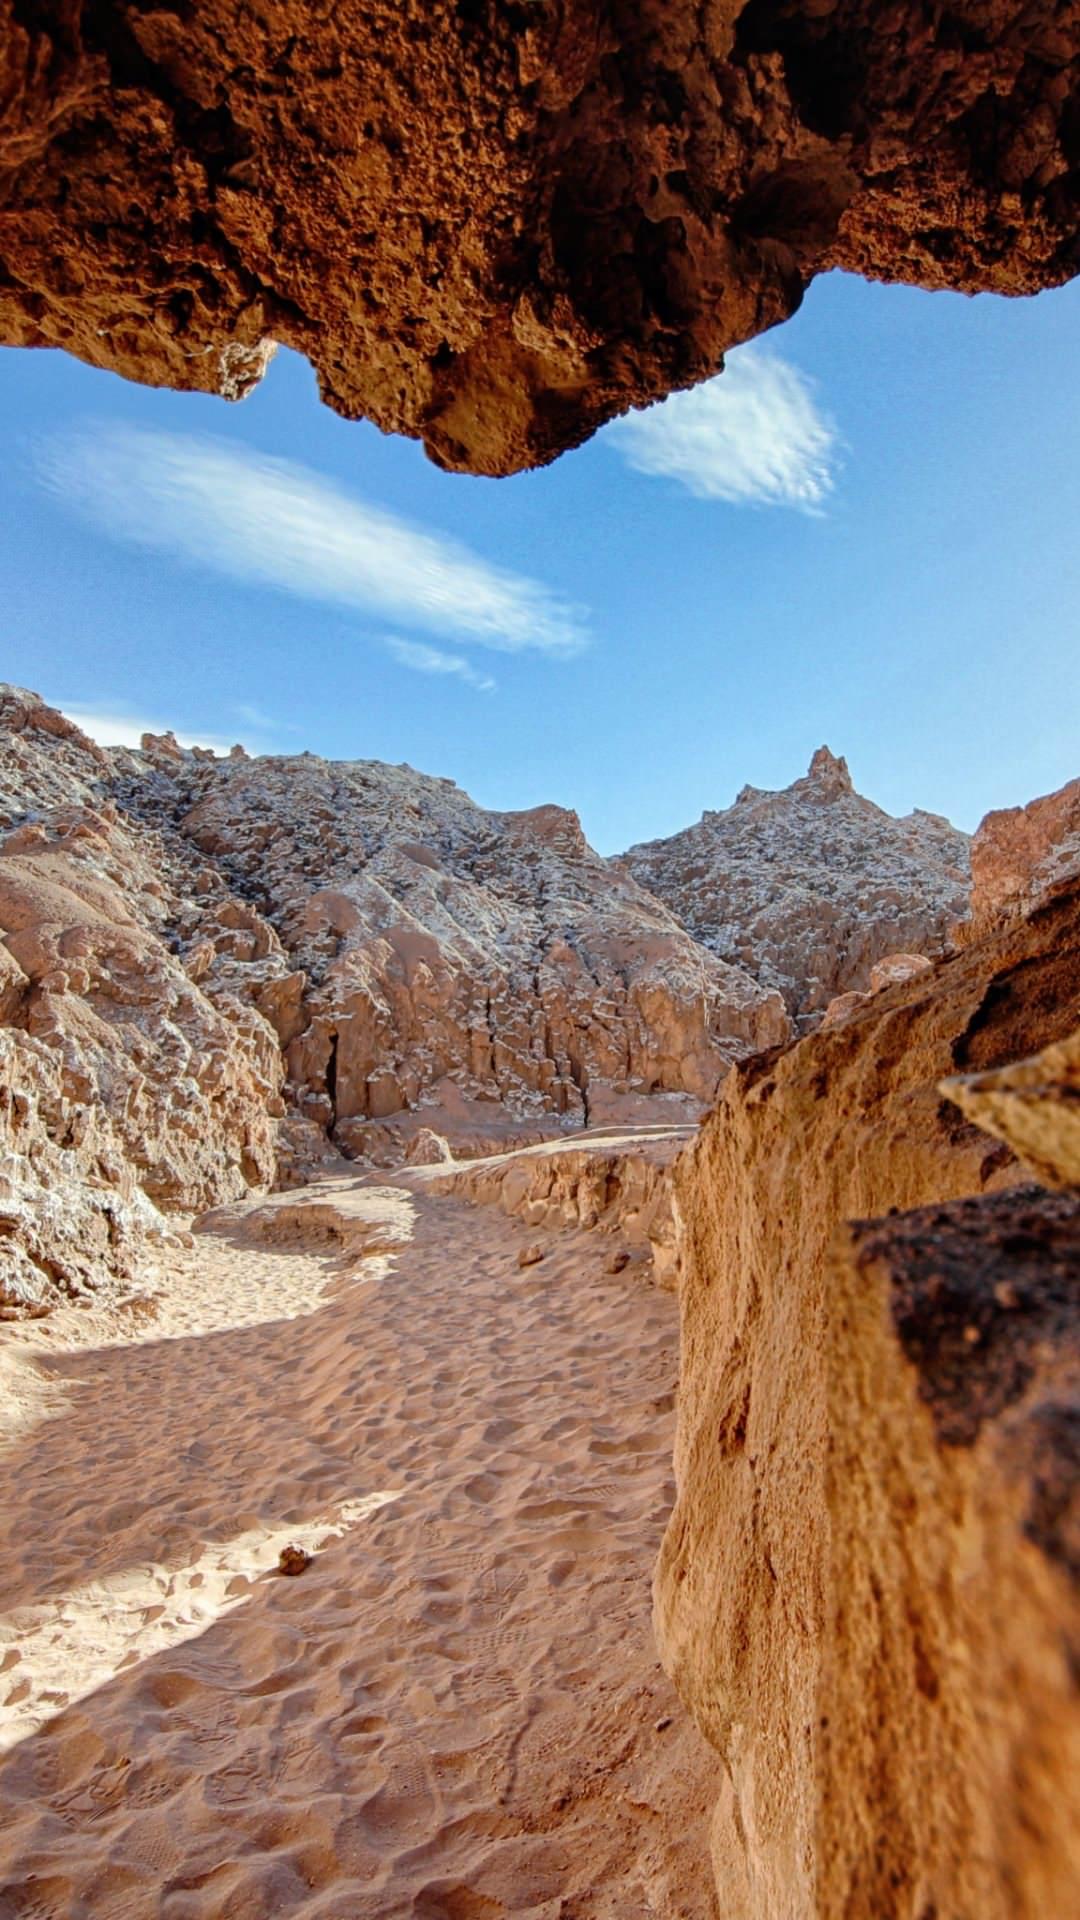 Desert_1080x1920